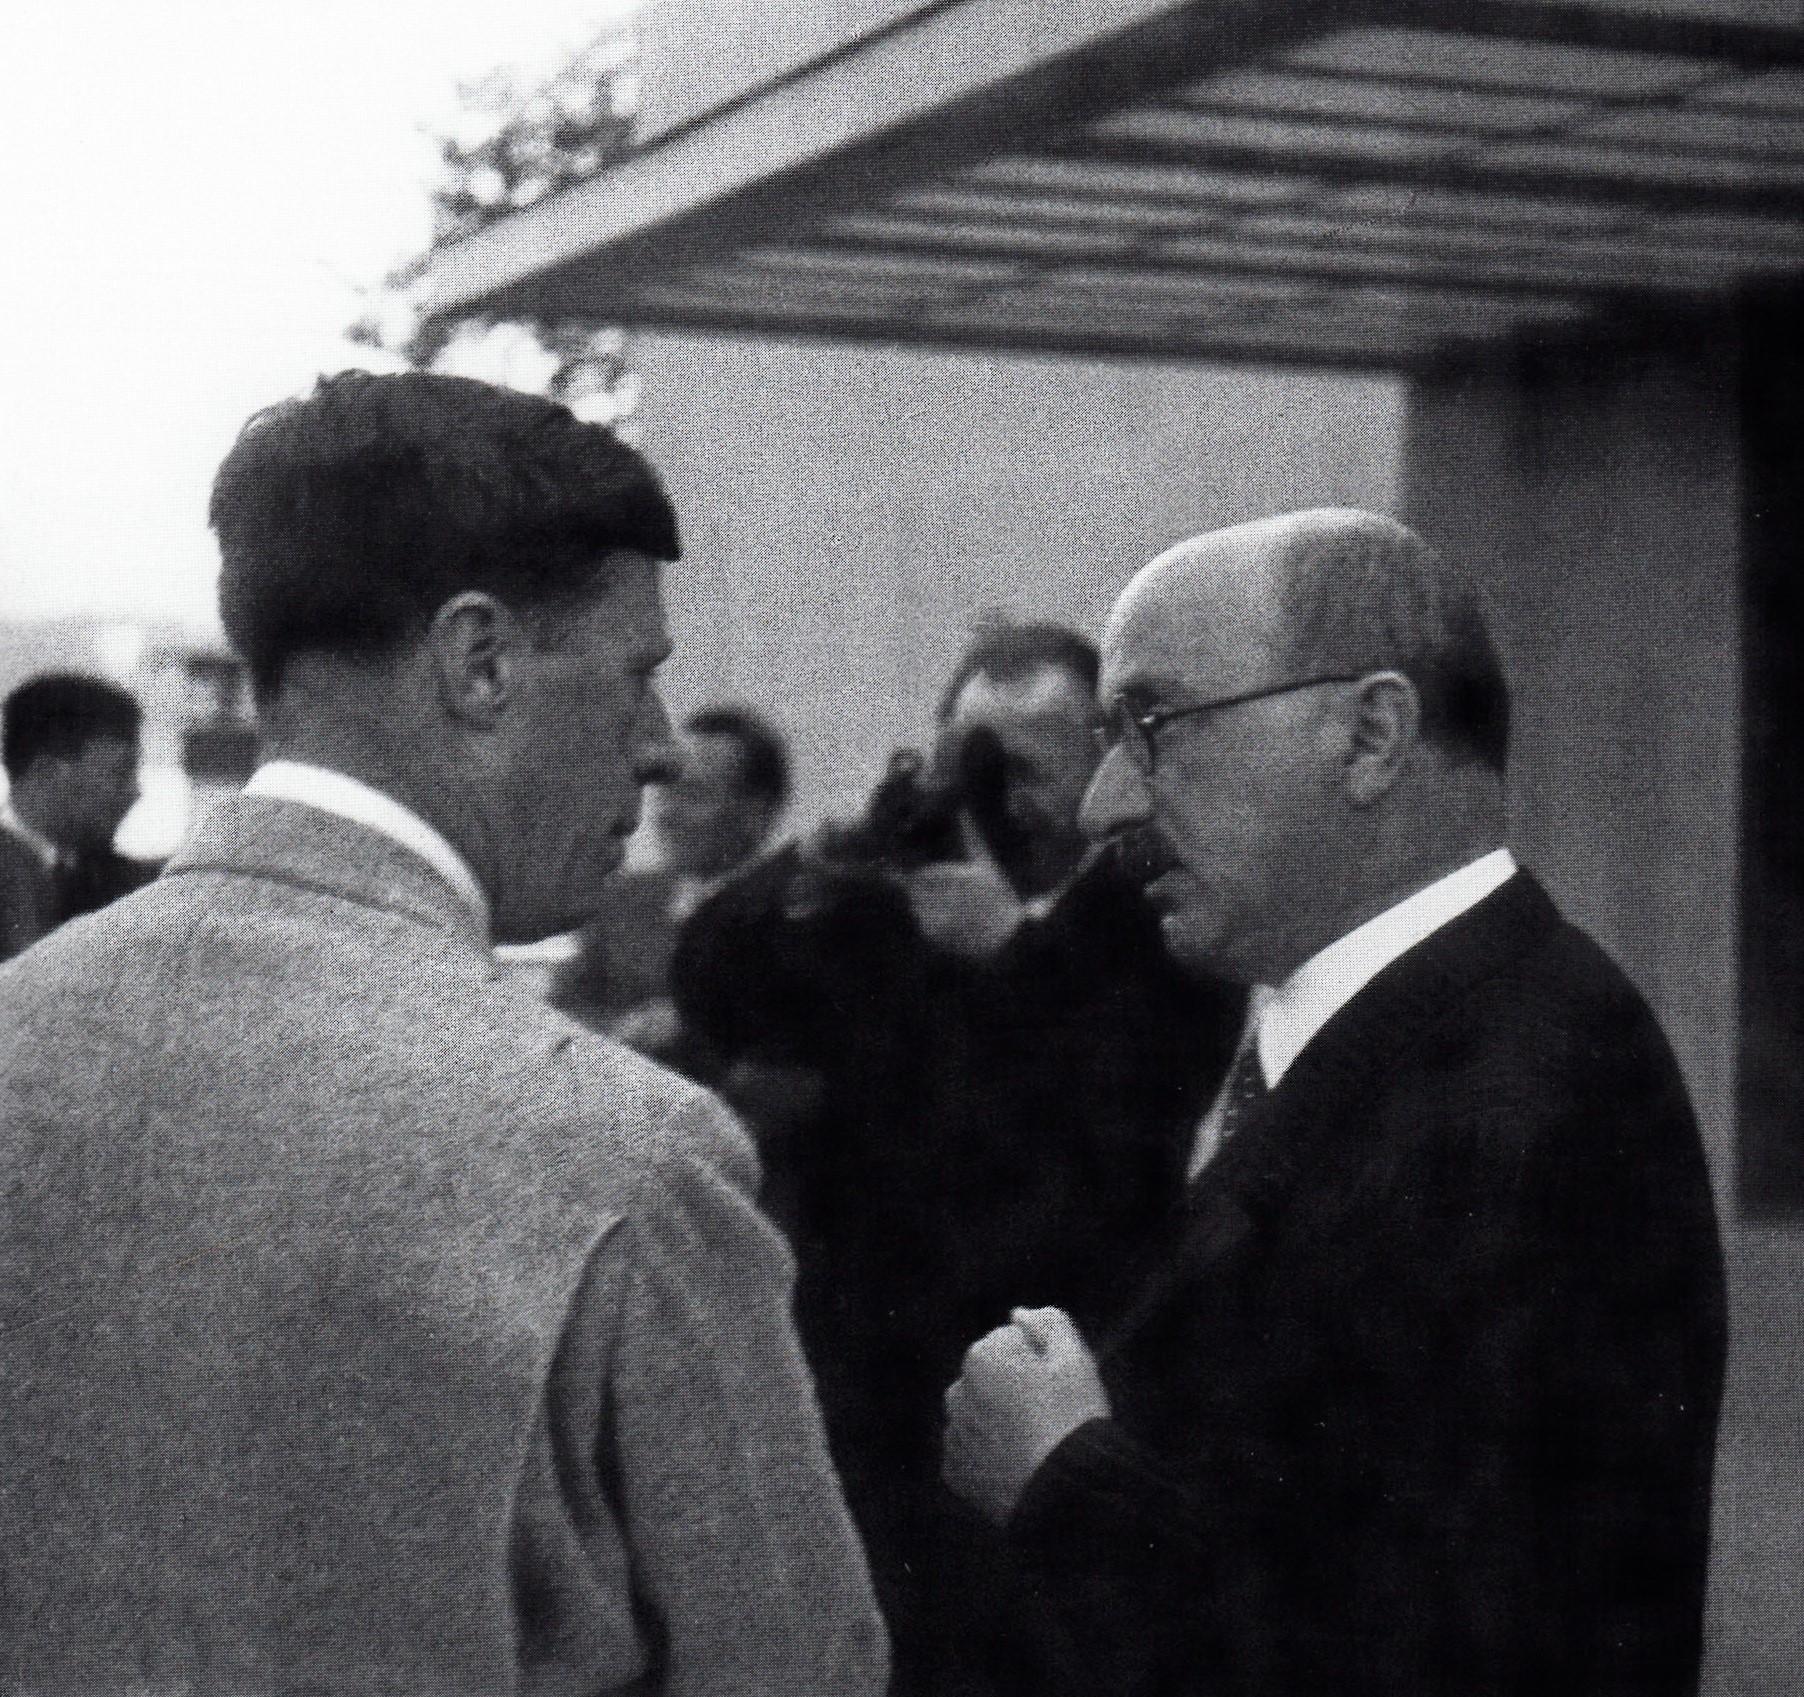 Max Eitingon und Thomas French, IPV-Kongress 1934, Luzern